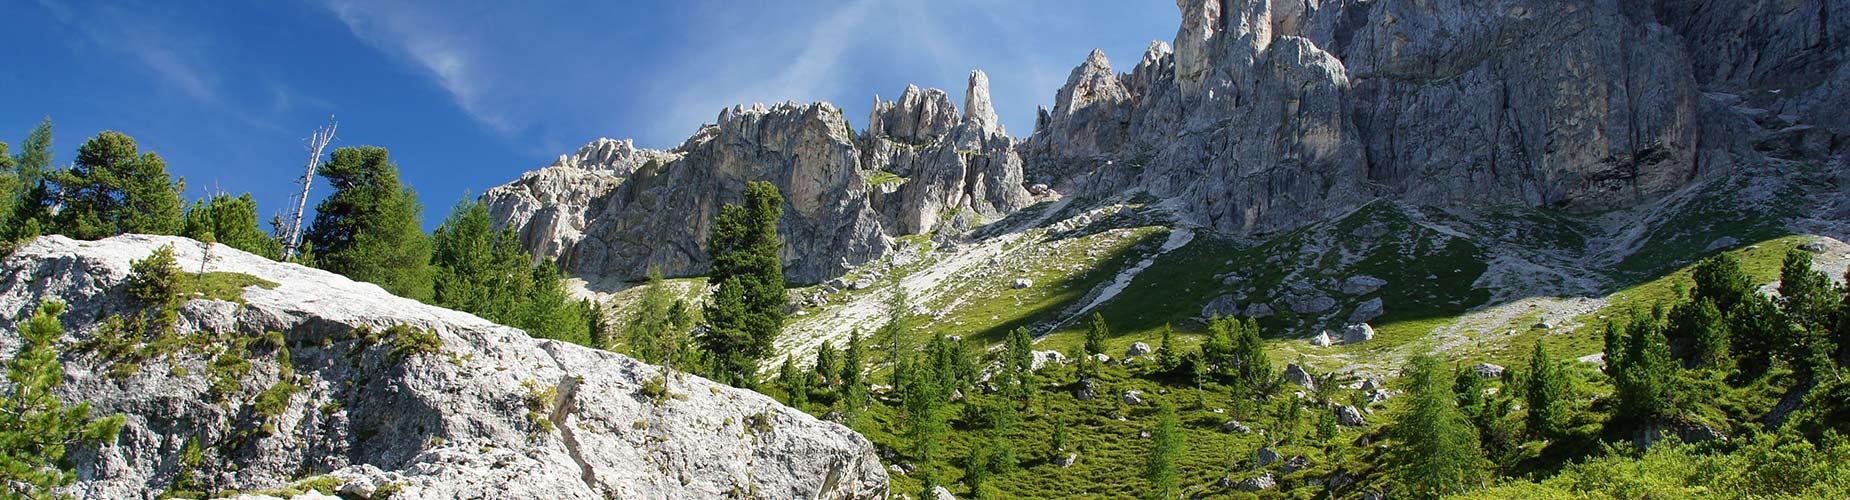 Herbstfahrt nach Molveno/Trentino